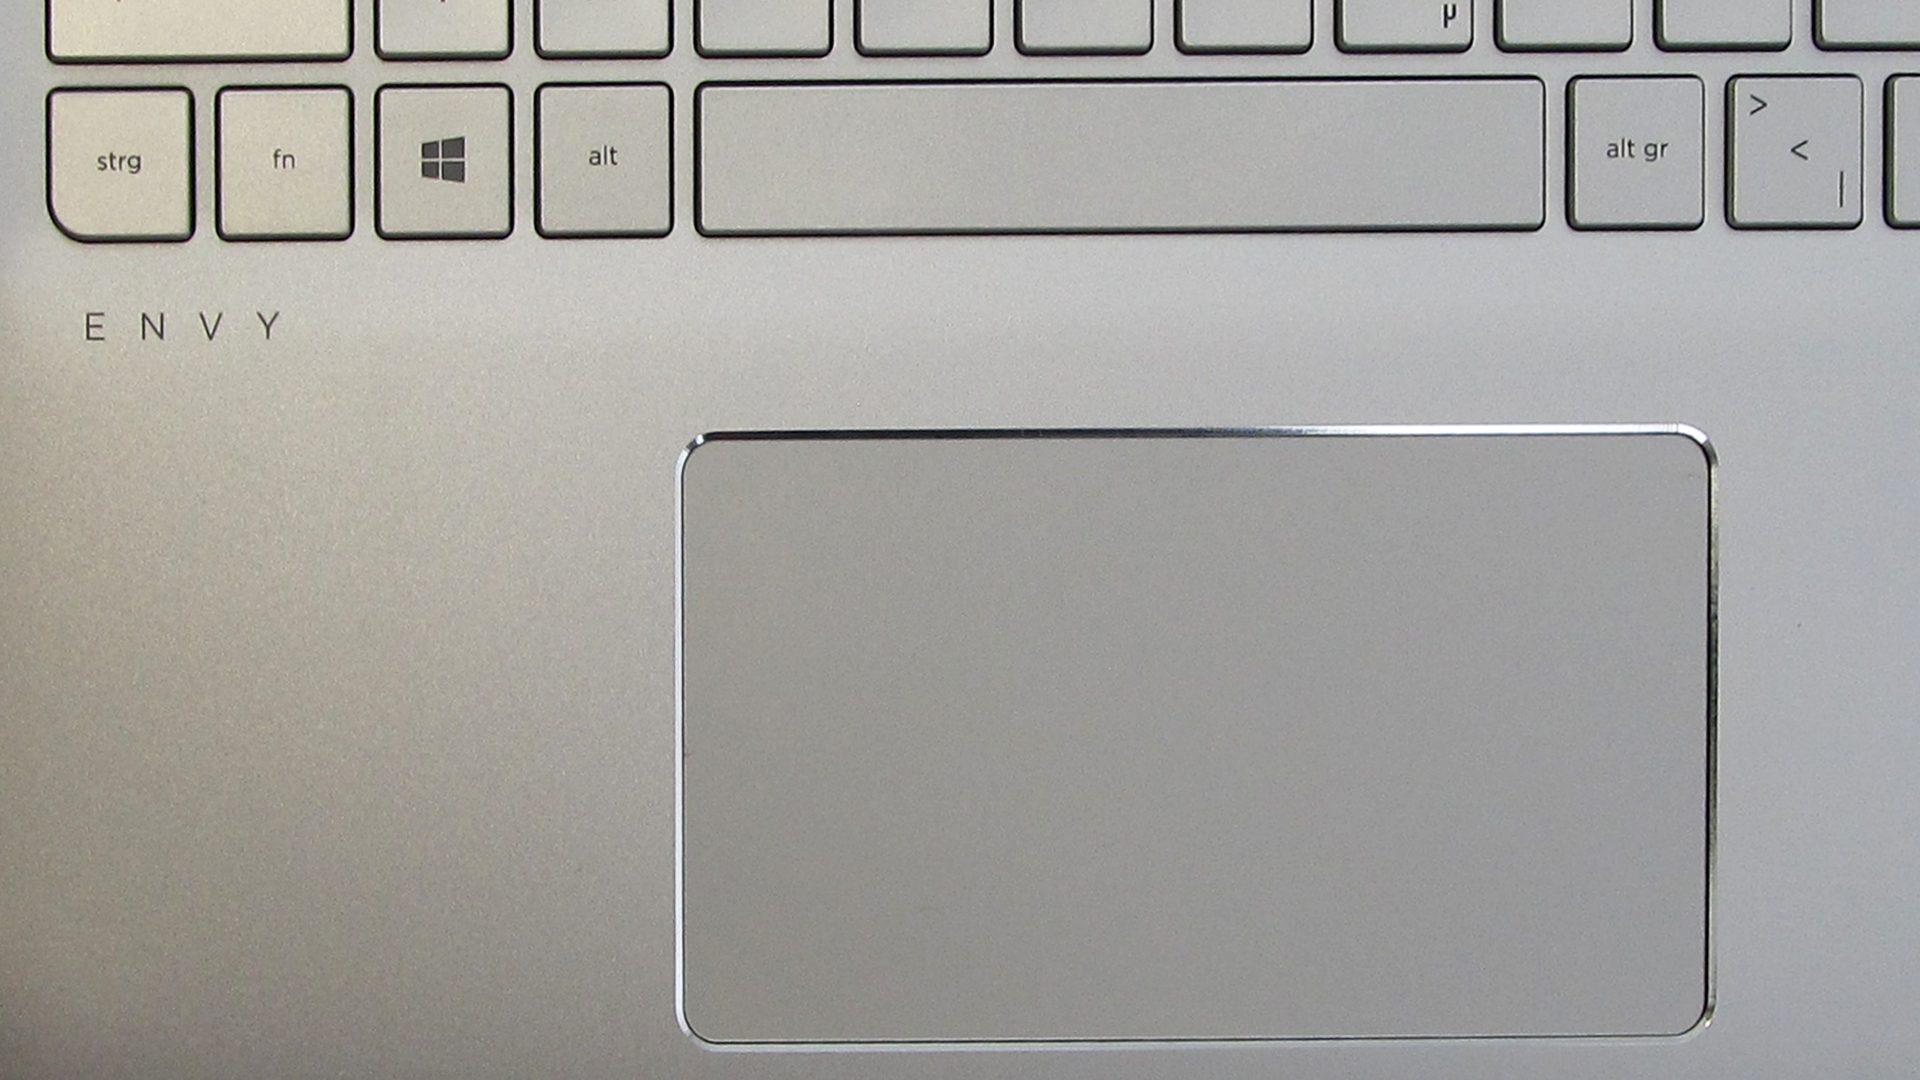 hpenvy_15x360_tastatur_4